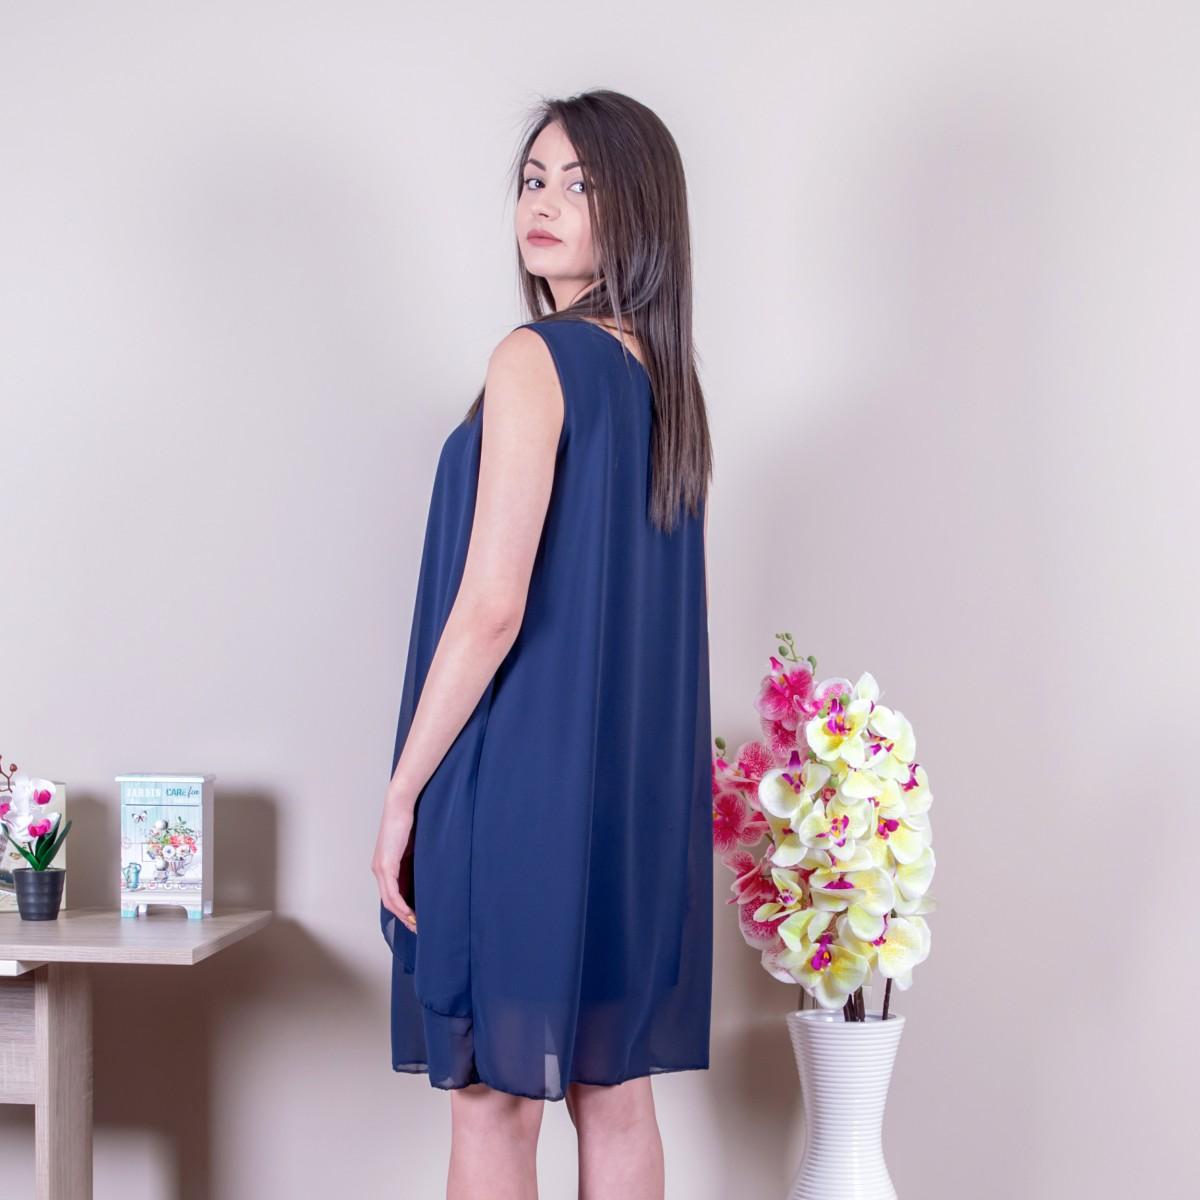 Свободна дамска рокля в синьо Снимка 2 от 2